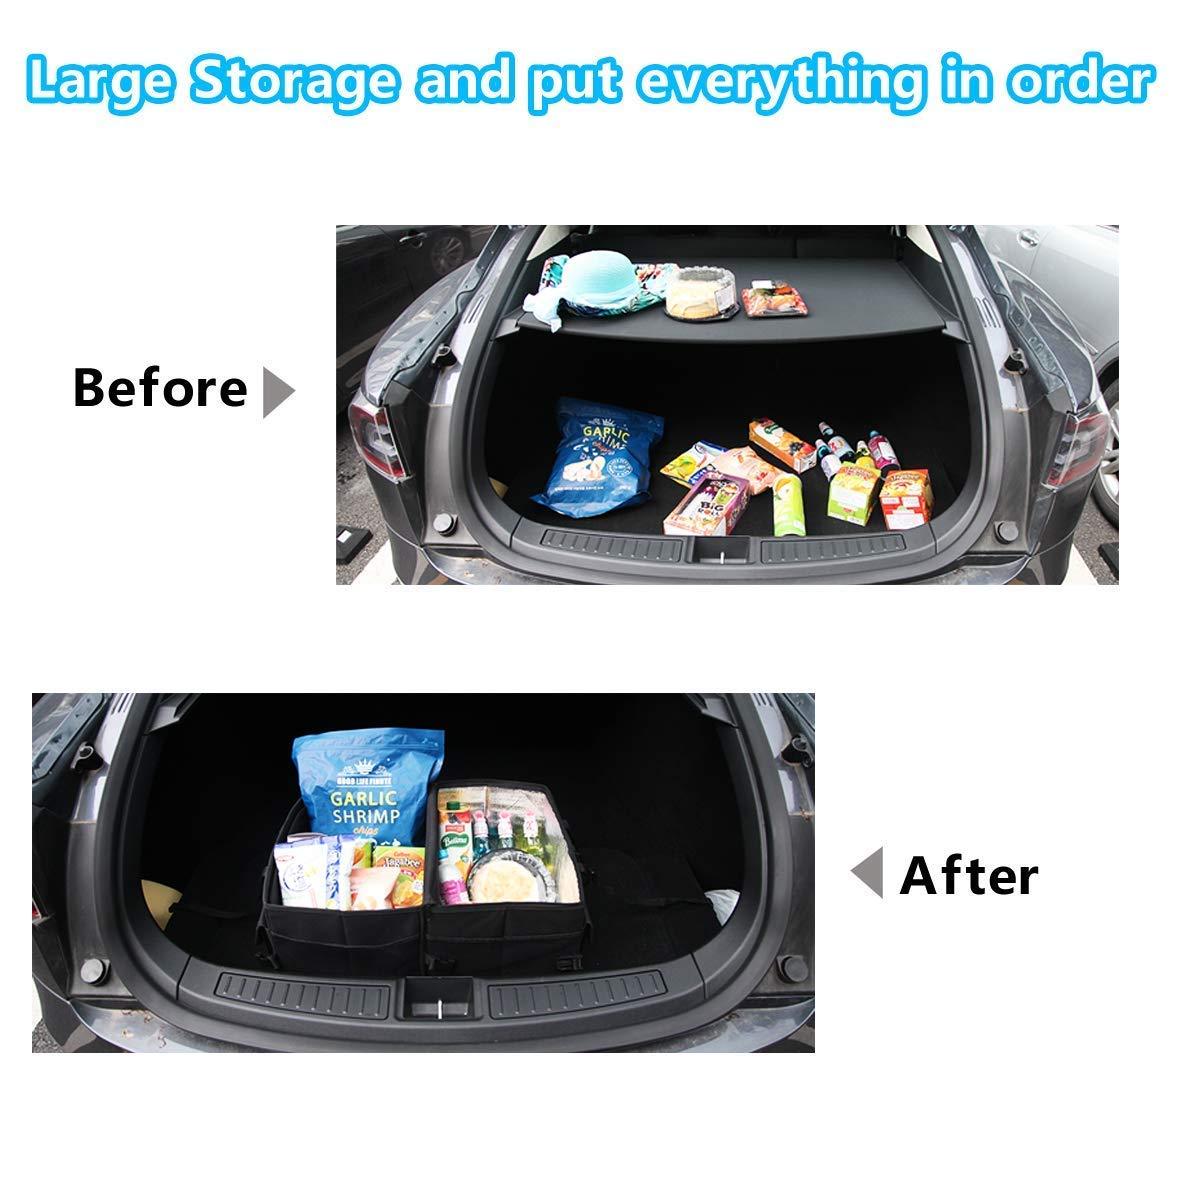 Tepoinn Kofferraum Organizer Auto mit Kühlfach Haltbar und faltbar Grosse Kapazität Perfekt für jedes Fahrzeug